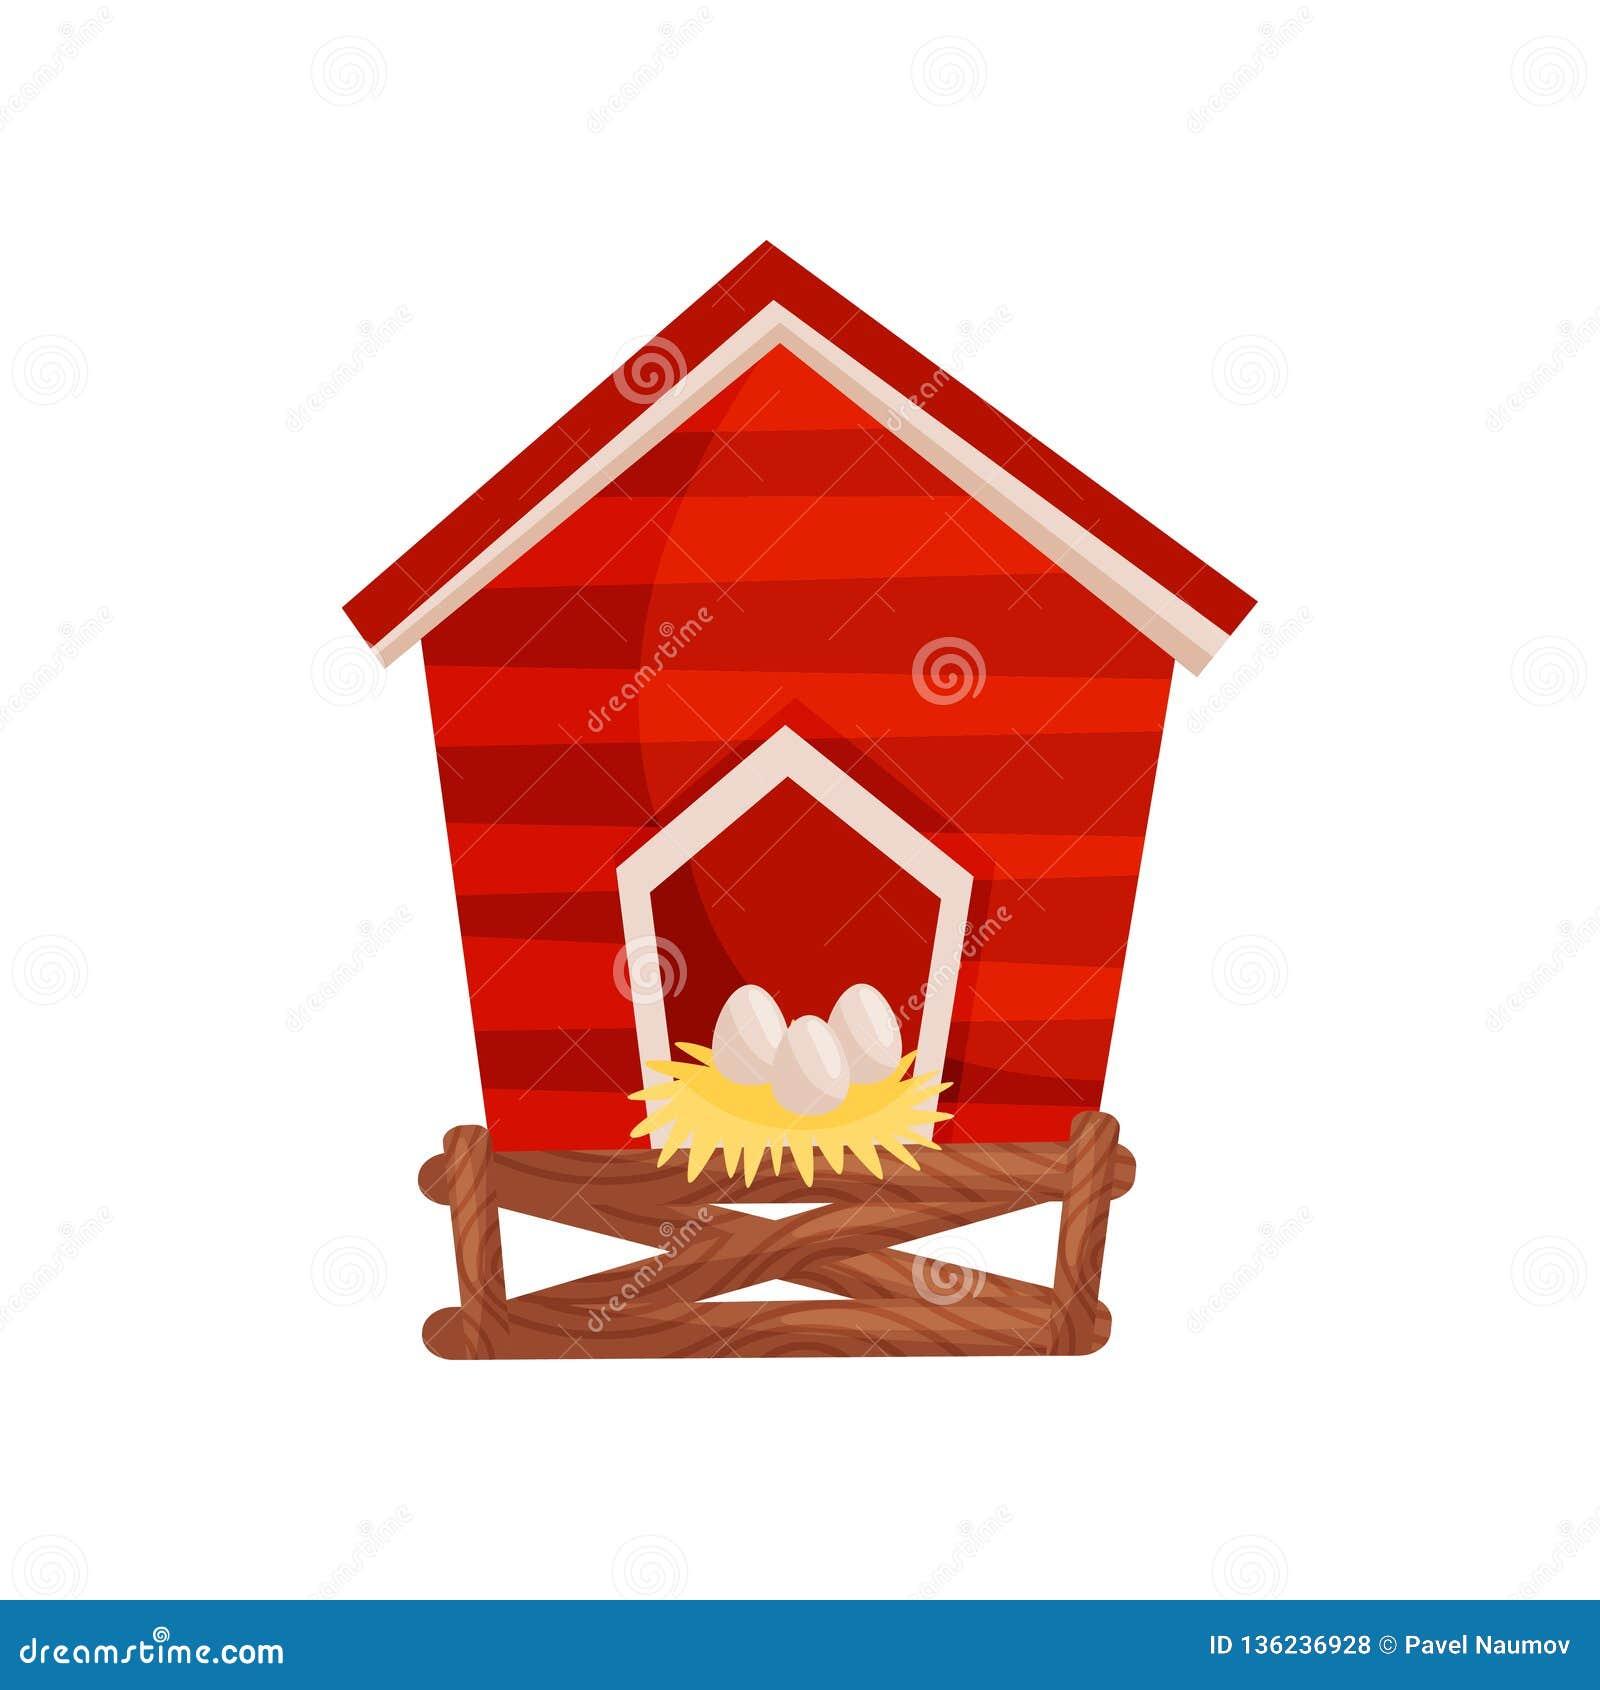 Icono del vector de la historieta del gallinero de pollo rojo brillante, huevos frescos en la casa de madera de la jerarquía para